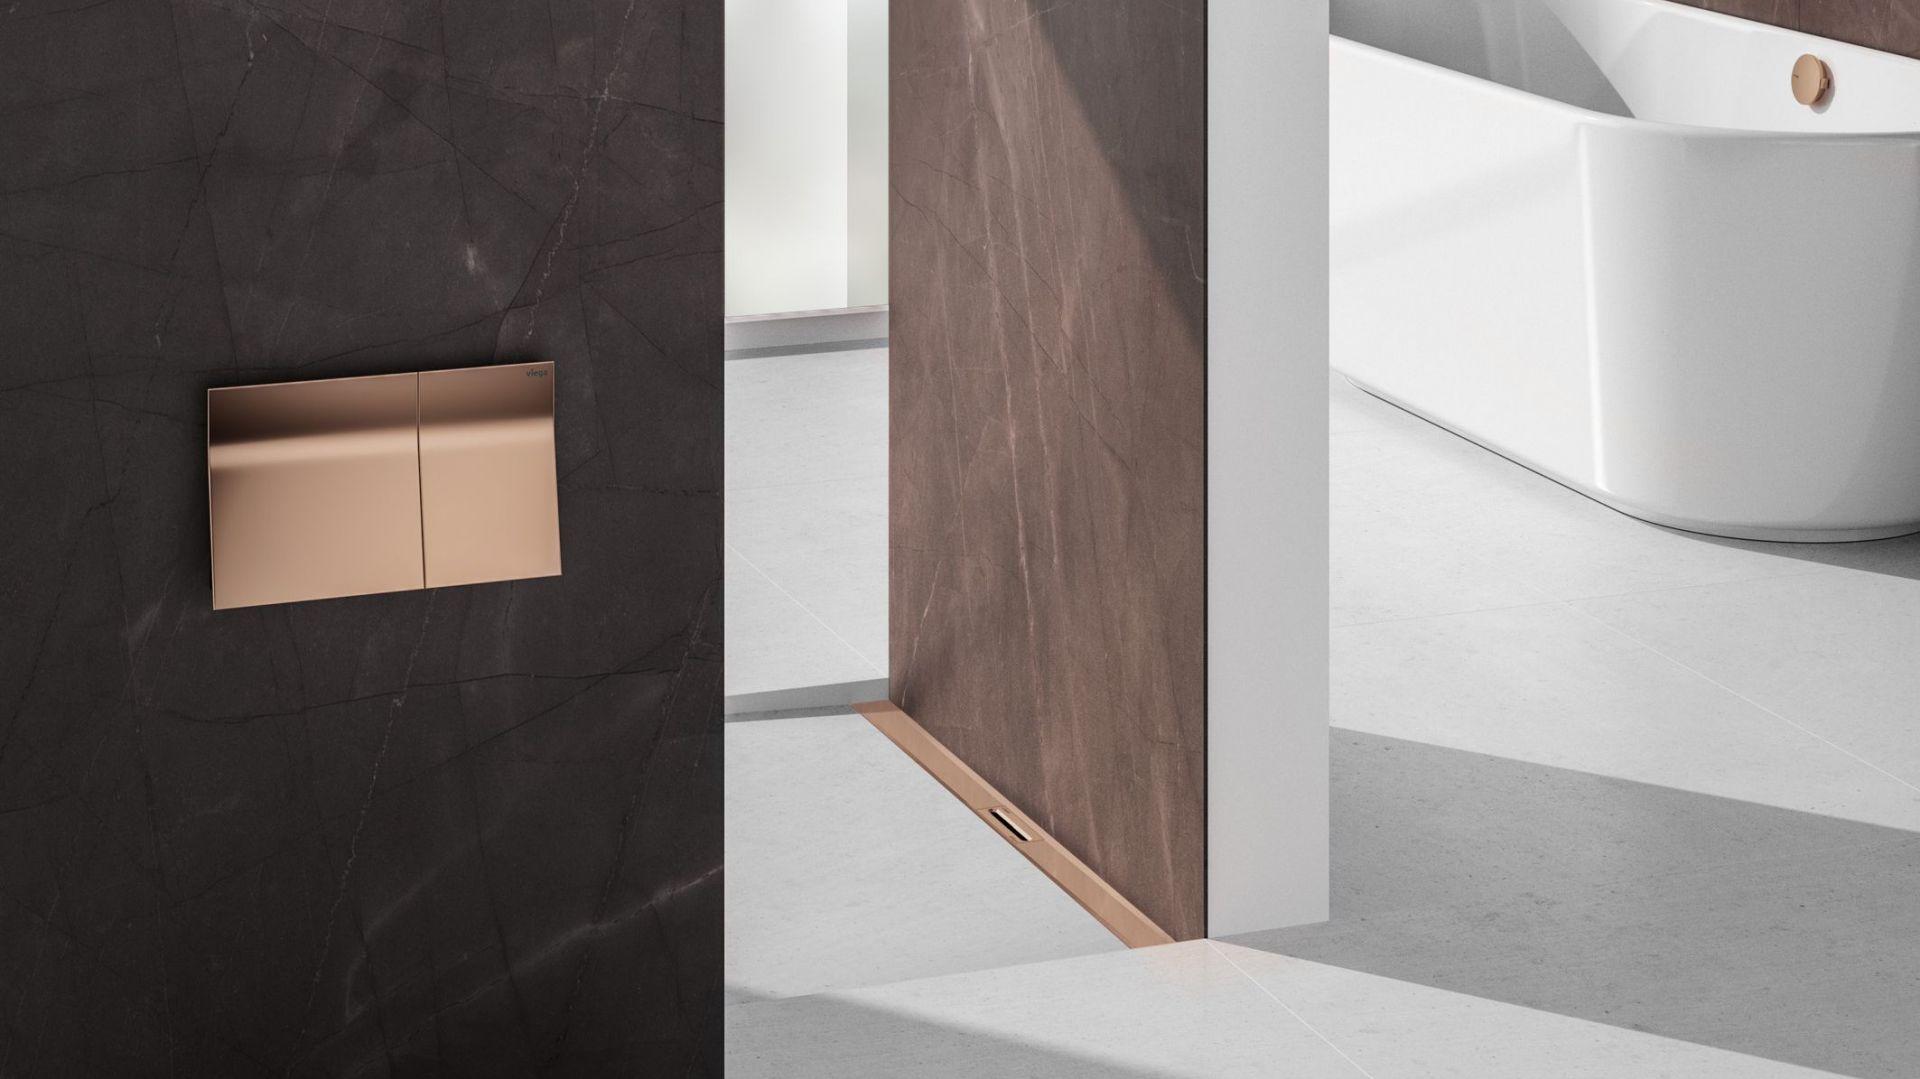 Przycisk uruchamiający do WC, odpływ prysznicowy i element kompletu odpływowego do wanny w modnym kolorze miedzi. Fot. Viega